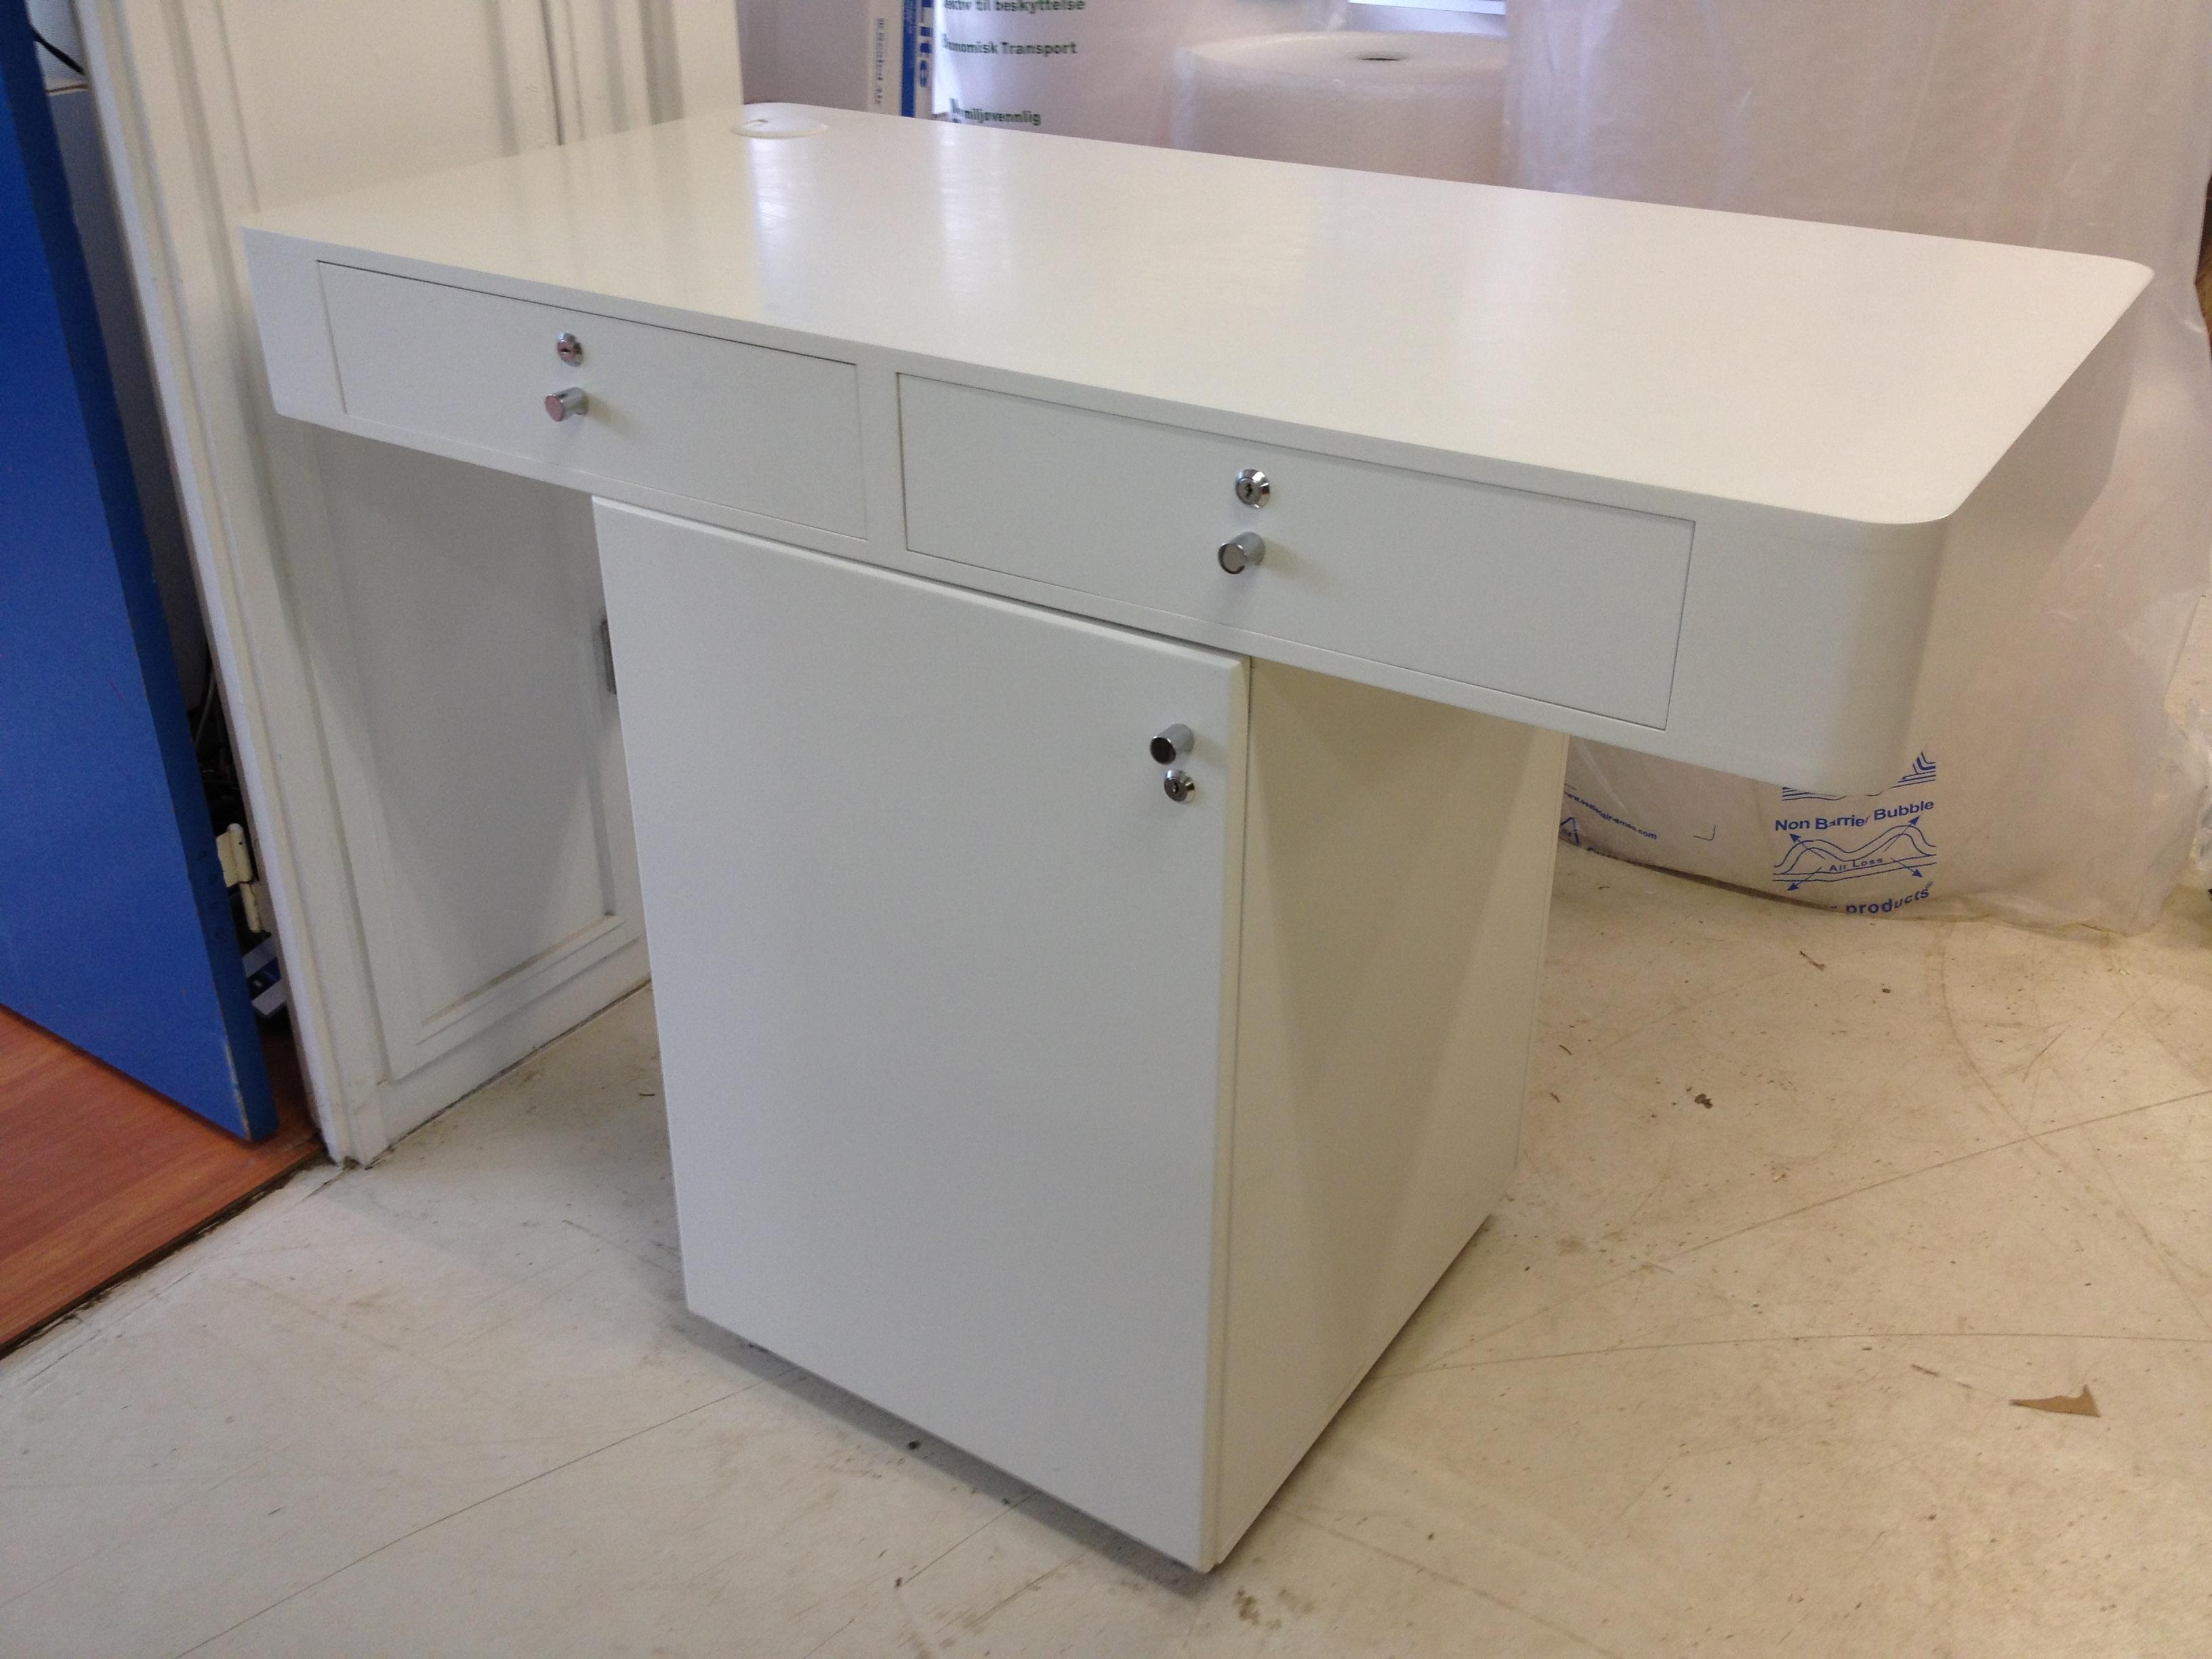 Brugt inventar sælges - gør et kup, vi skifter møblerne ud - Amino.dk